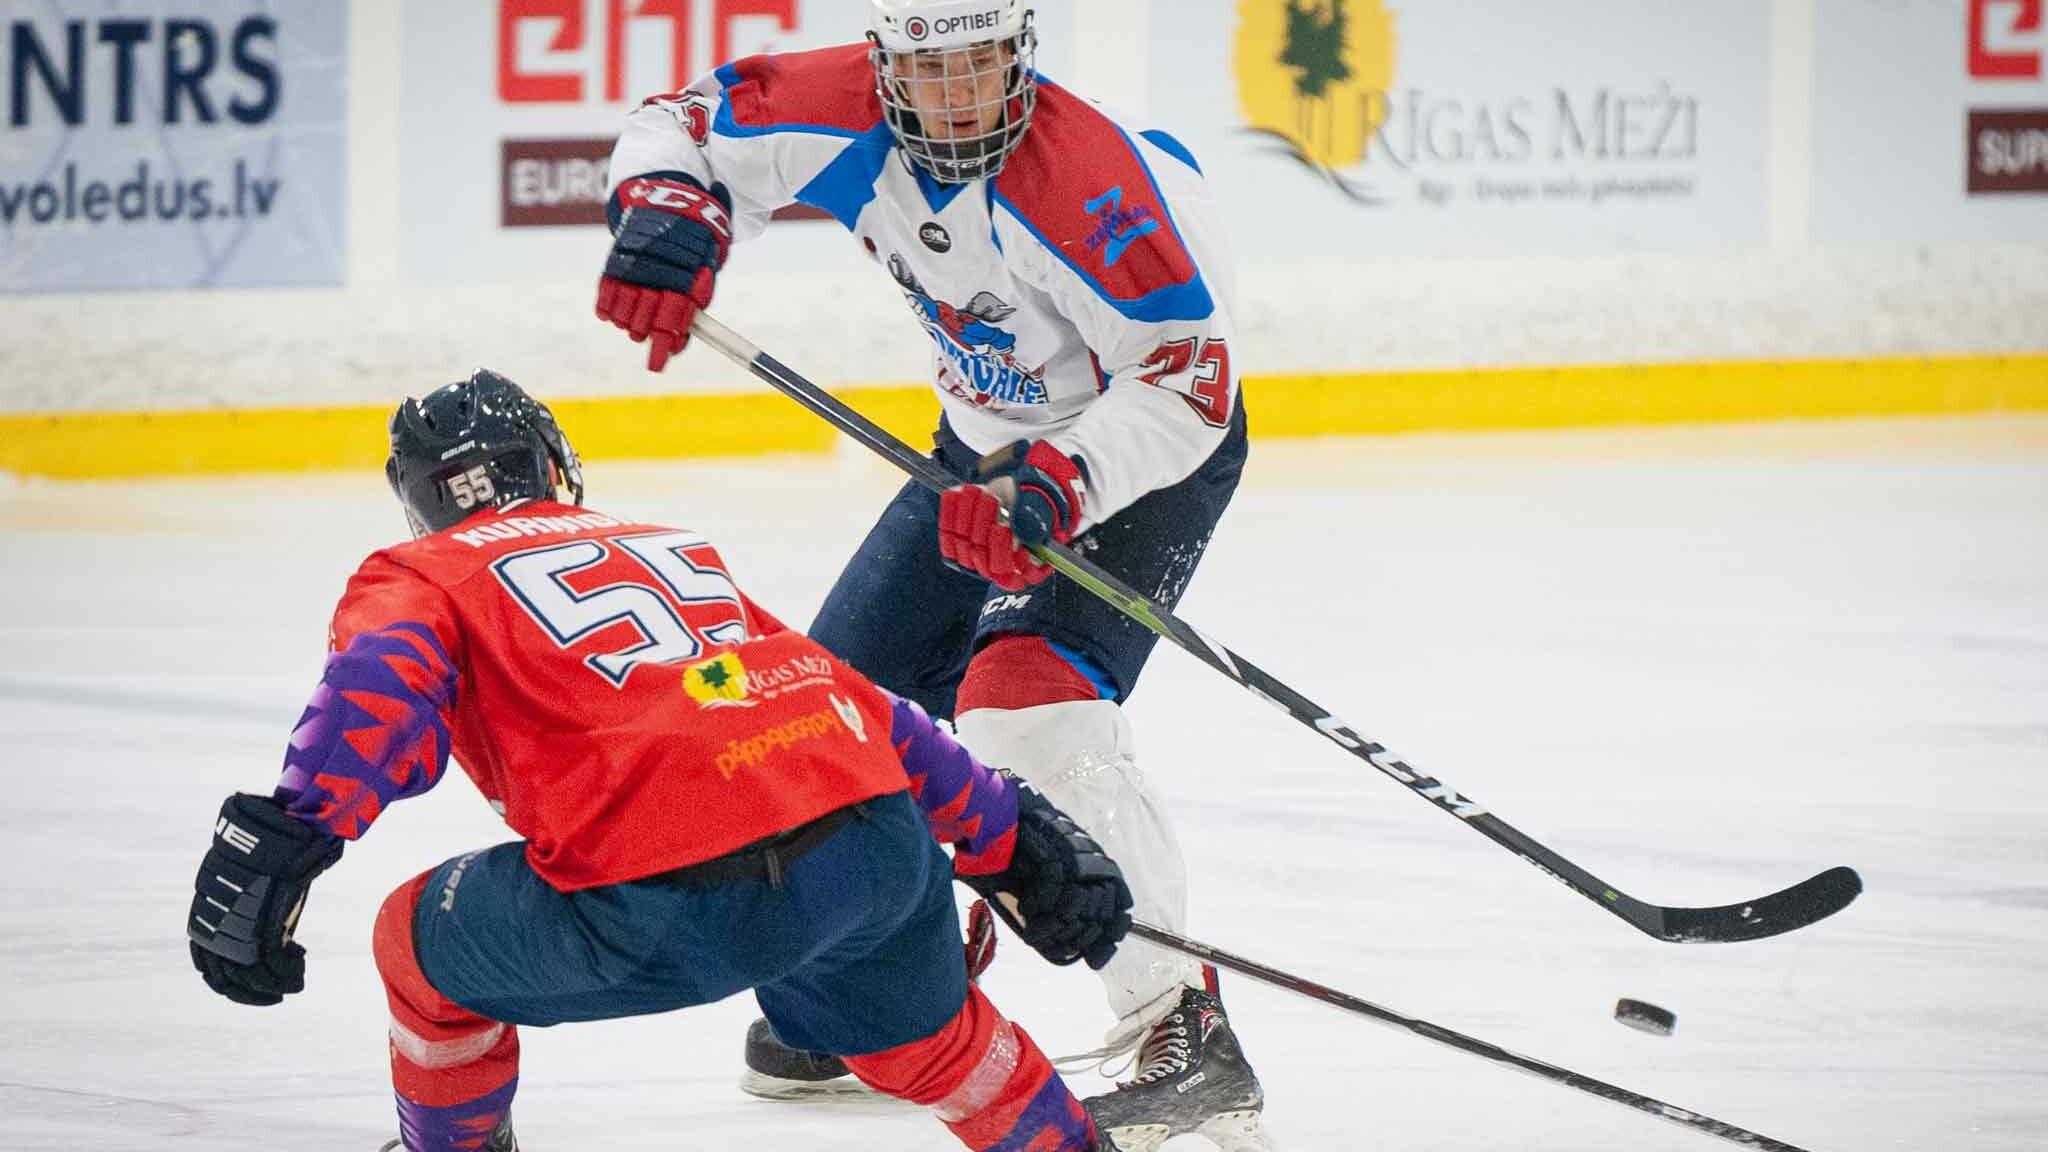 Hokejists krītot plati izpleš rokas